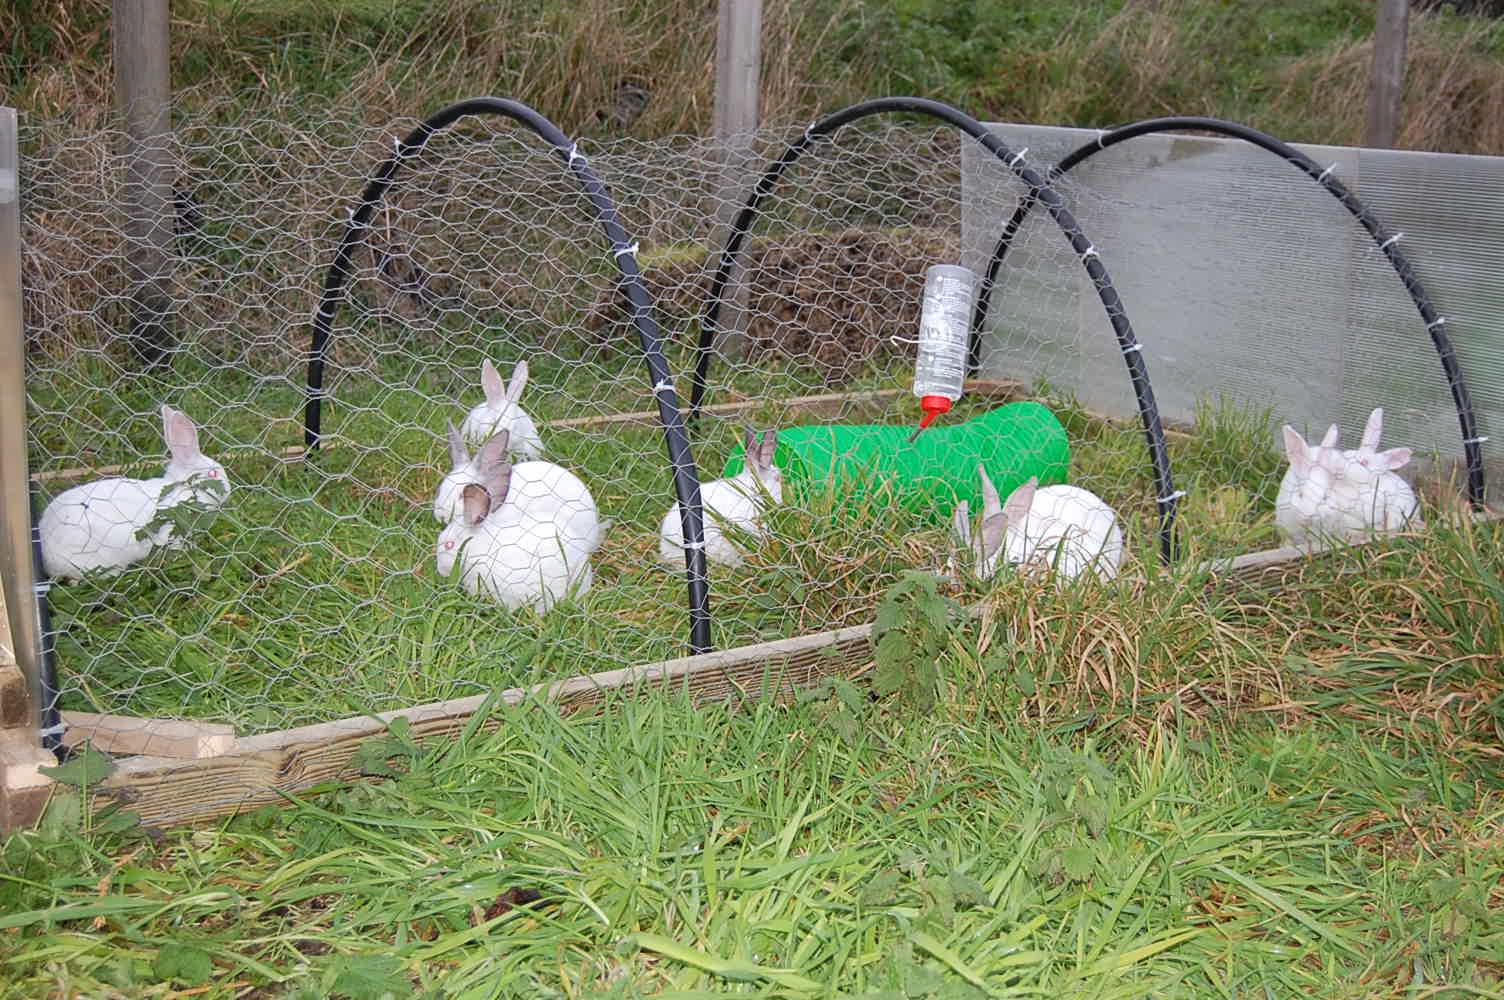 Rabbit Tractor In Action Dorset Forest Garden